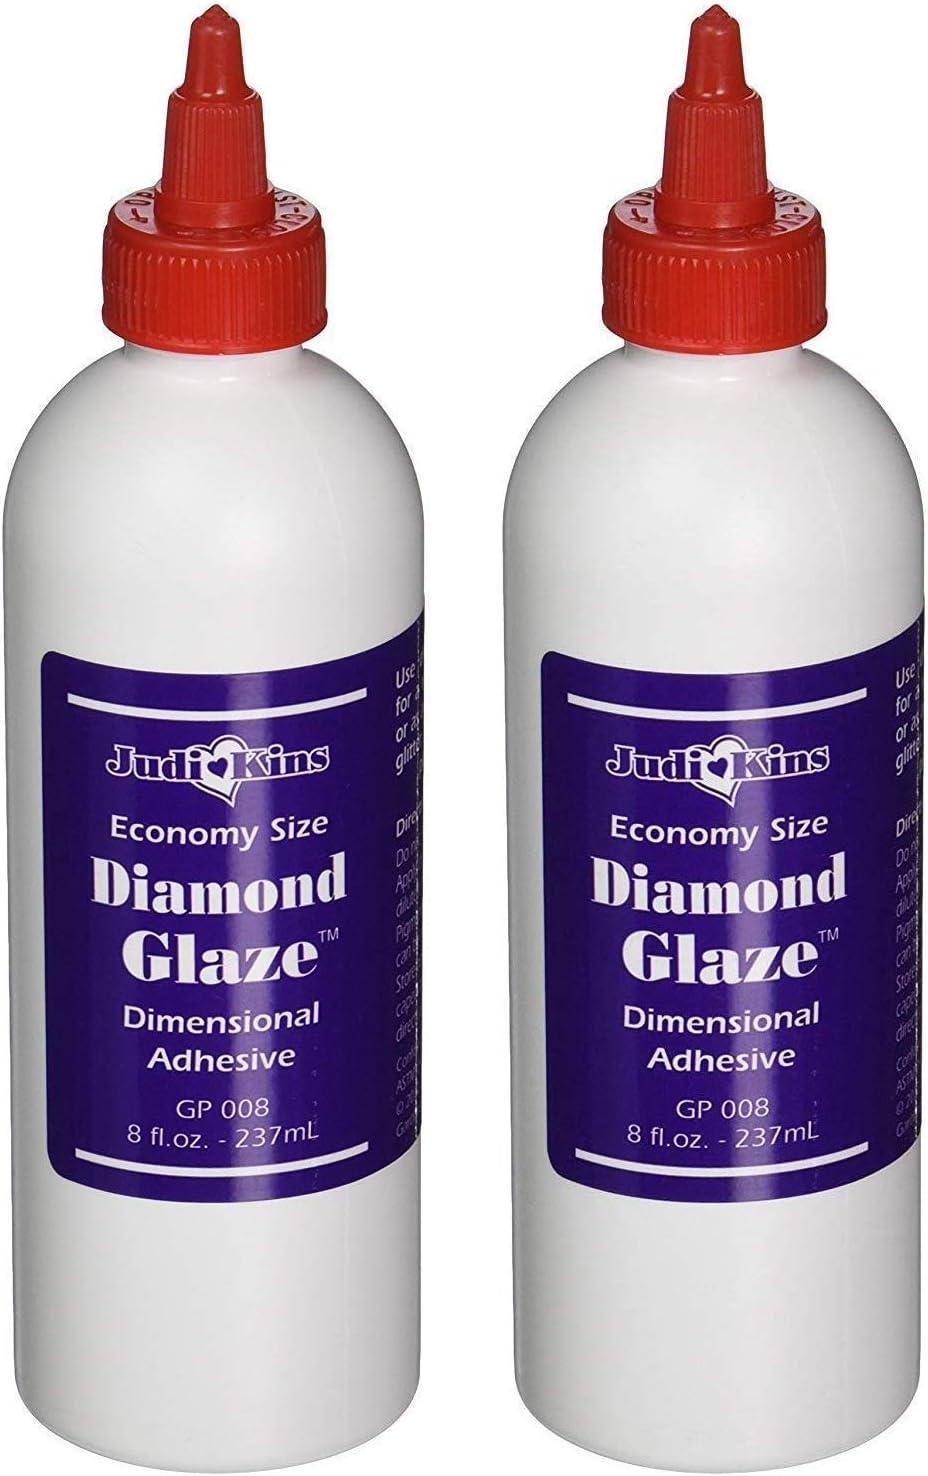 Judikins Diamond Glaze, 8-Ounce GP008 wo ack